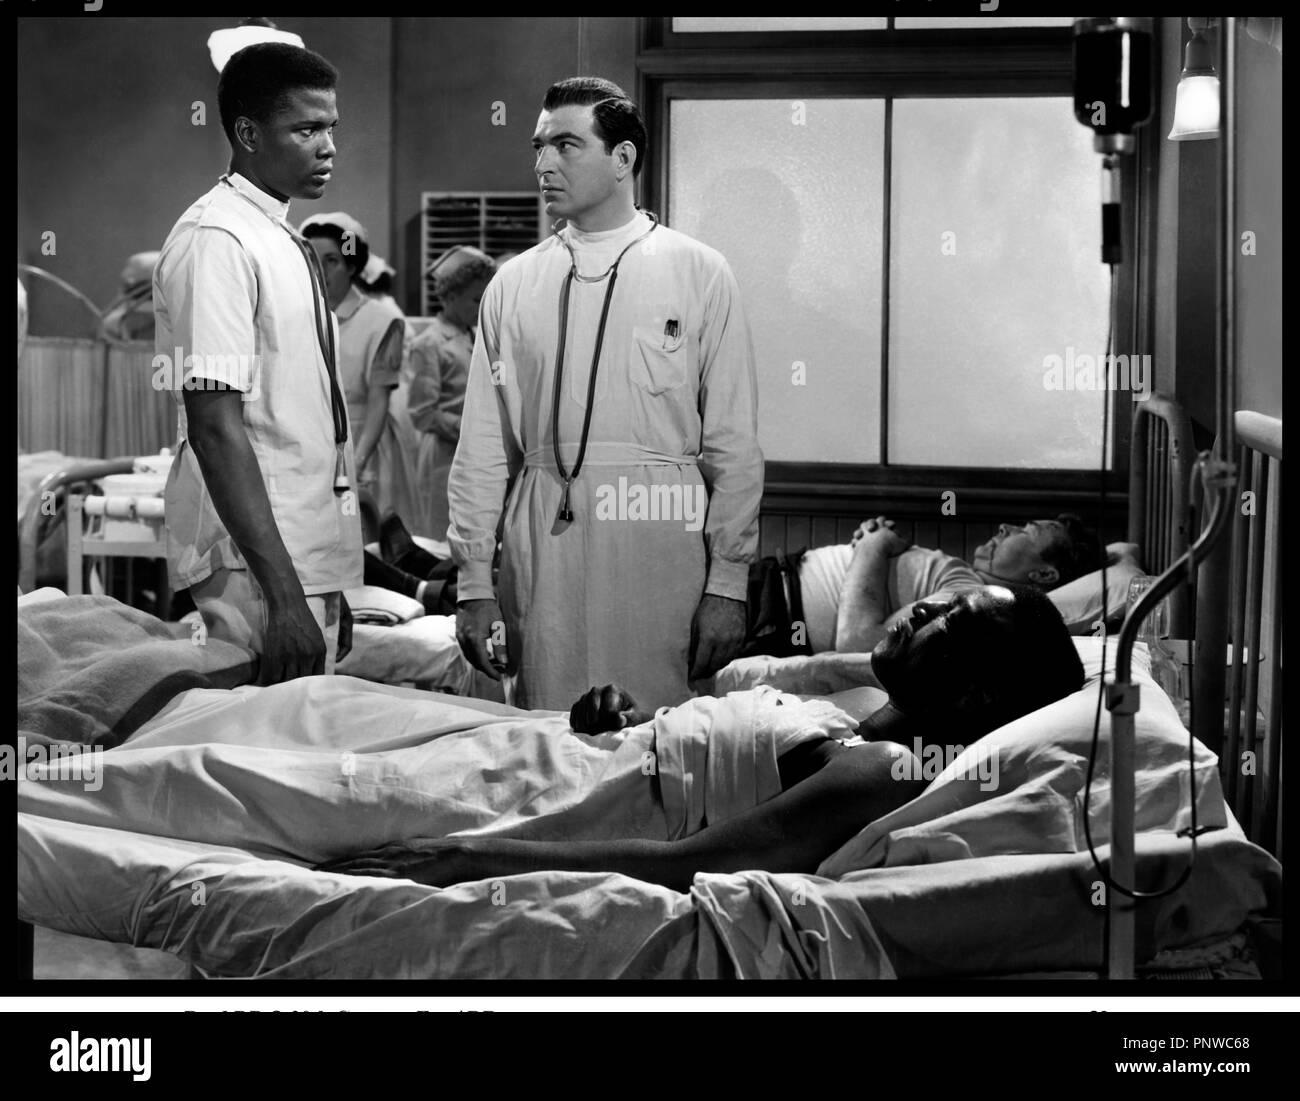 Prod DB © 20th Century Fox / DR LA PORTE S'OUVRE (NO WAY OUT) de Joseph L. Mankiewicz 1950 USA avec Sidney Poitier et Stephen McNally lit d'h™pital, infirmier, mŽdecin - Stock Image